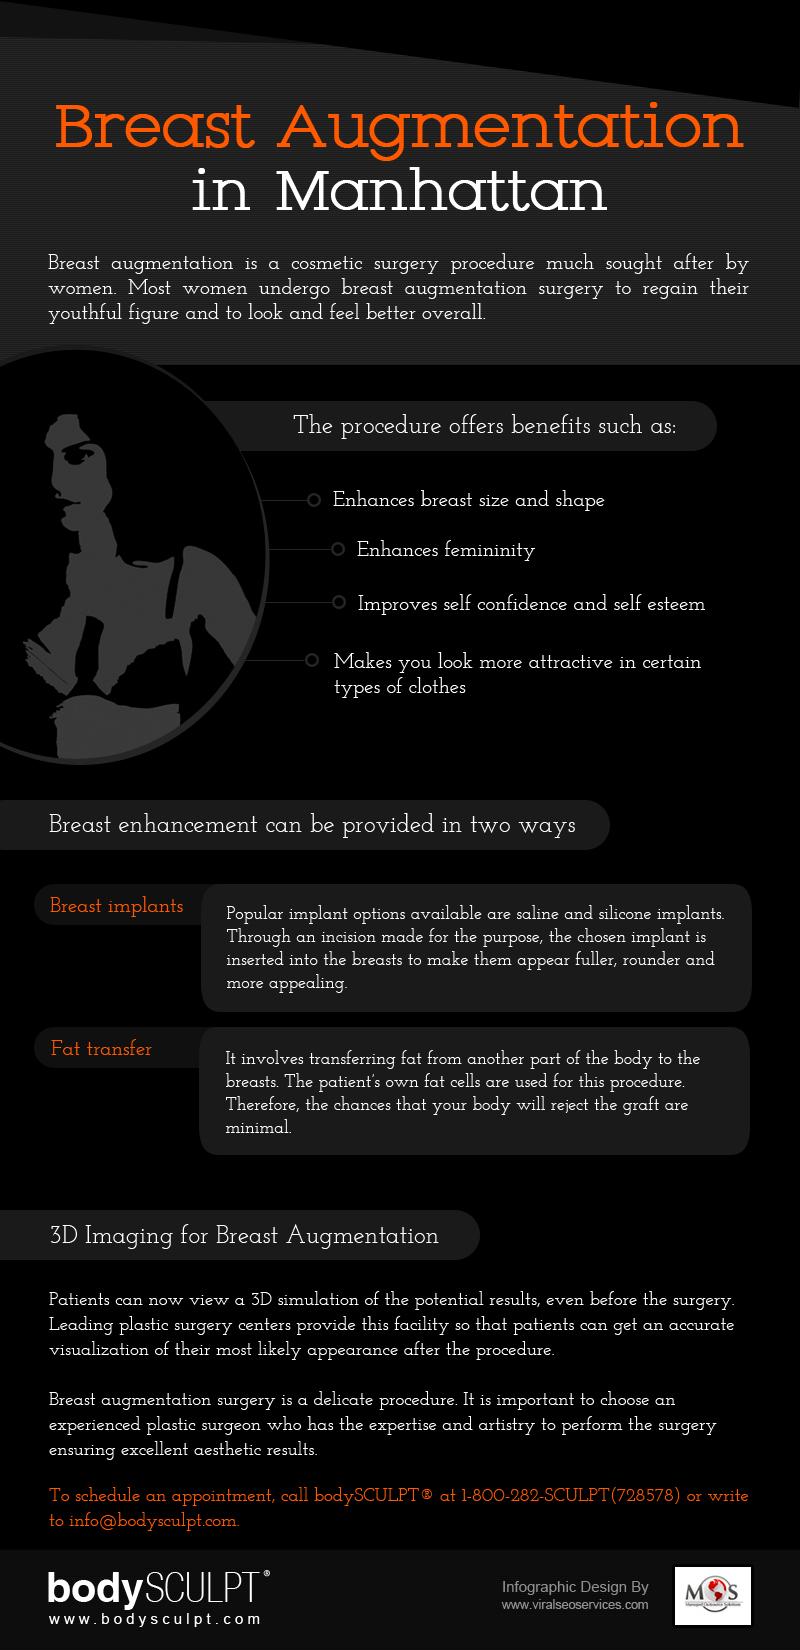 Breast Augmentation in Manhattan